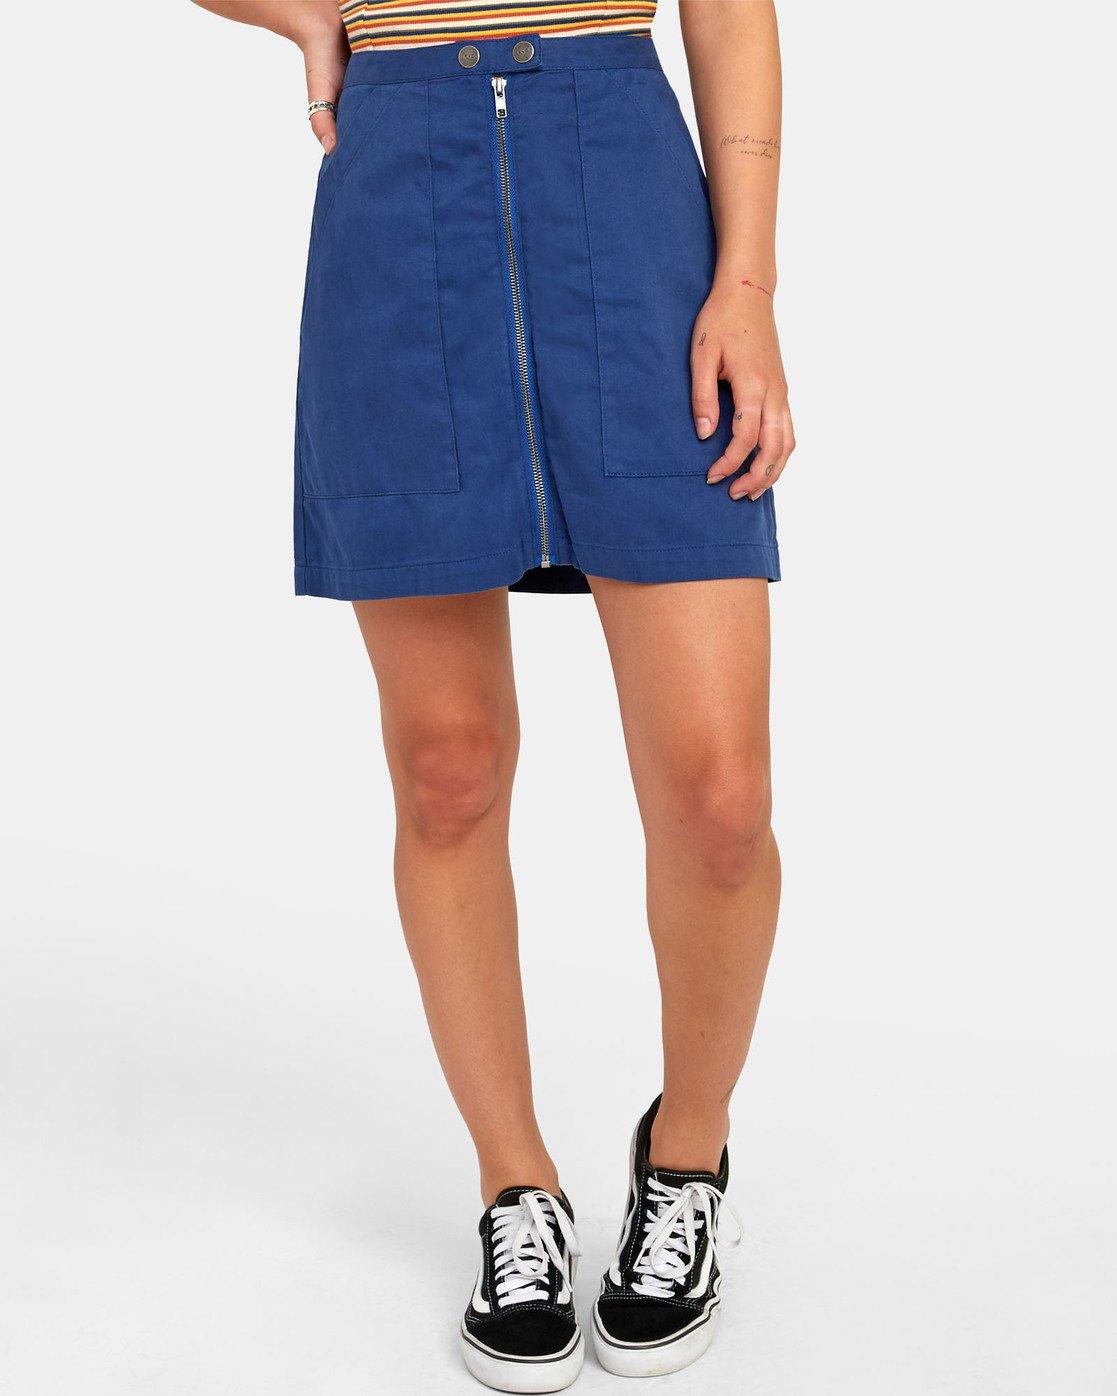 0 Oconnor - Jupe pour Femme Bleu S3SKRBRVP0 RVCA